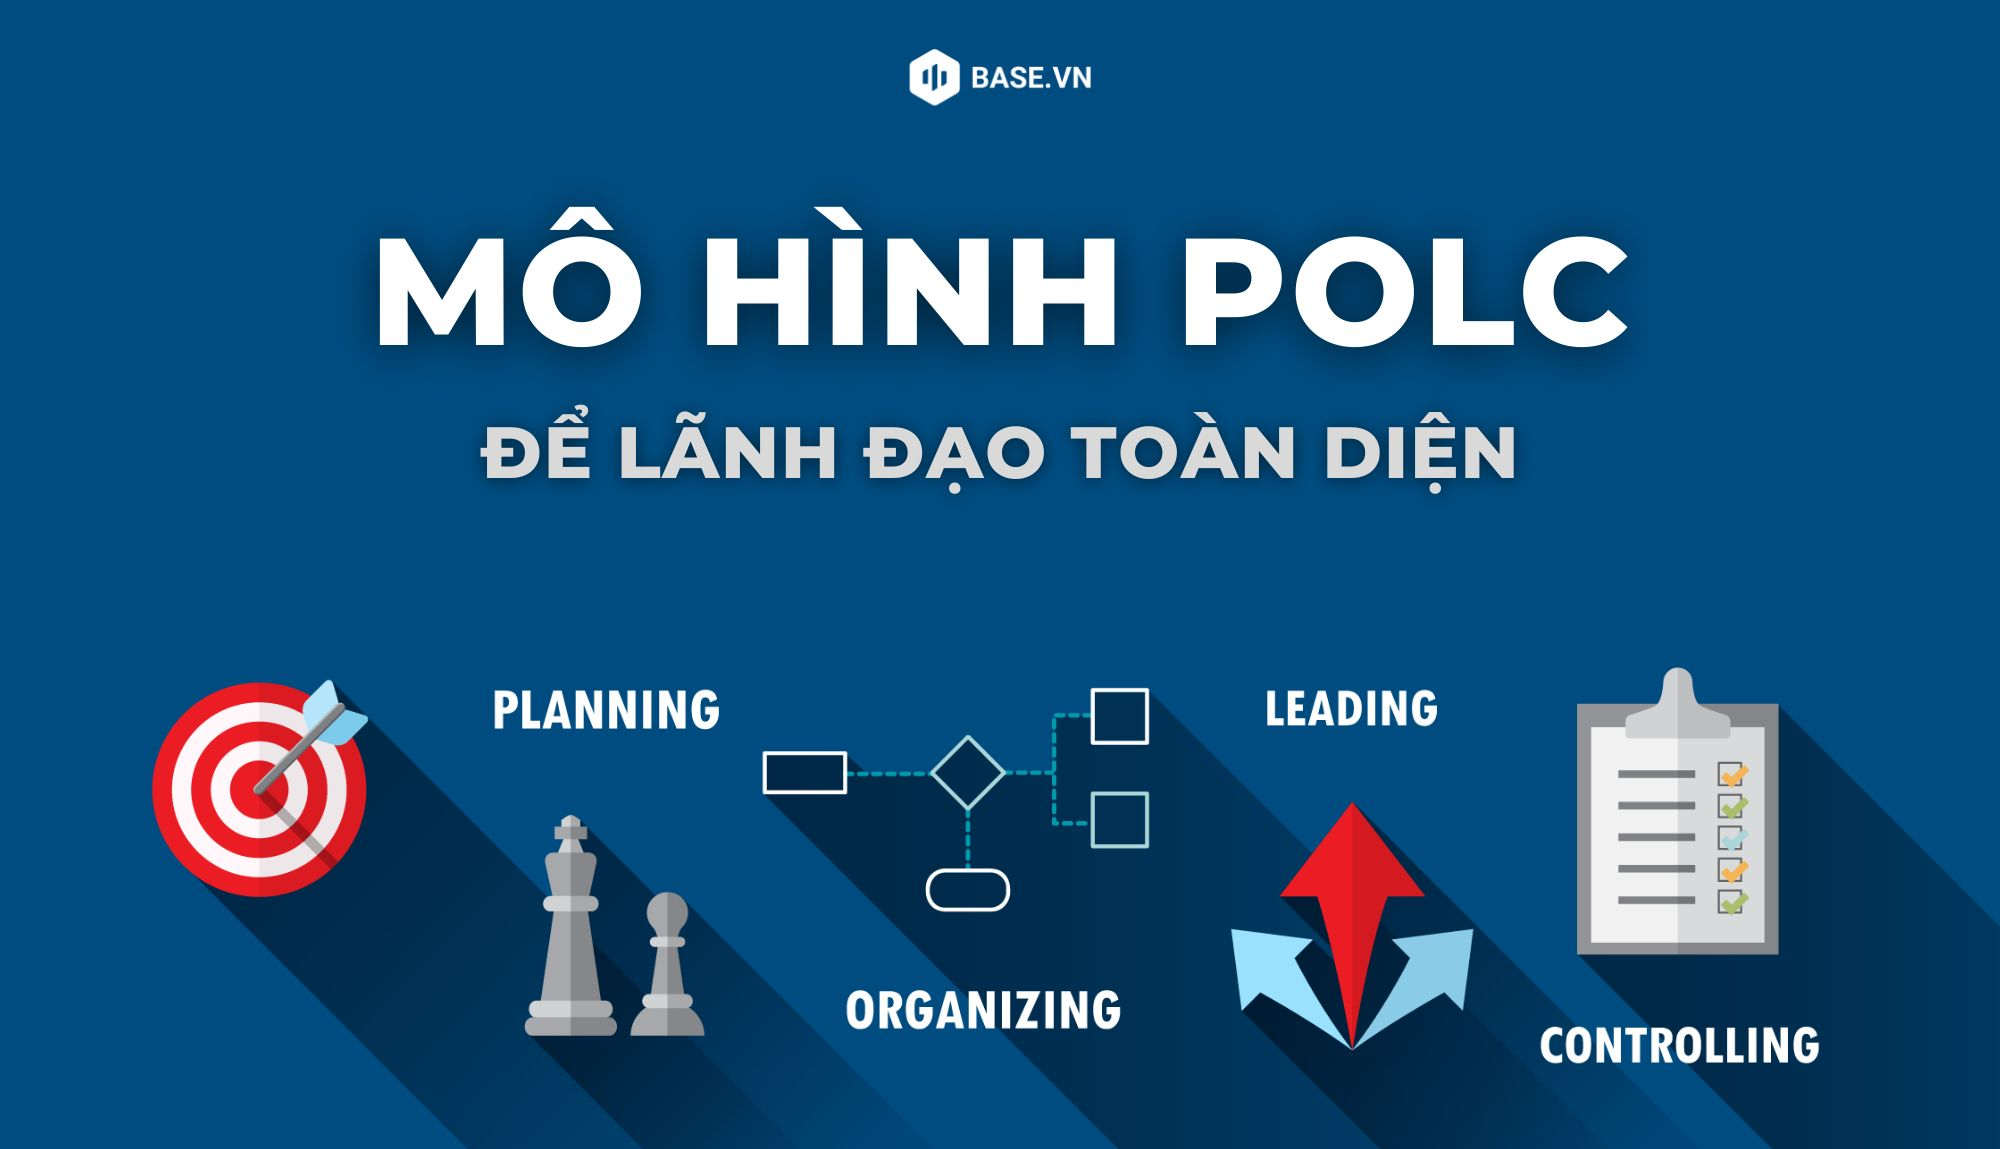 Khung lý thuyết POLC trong vai trò quản trị mà mọi nhà lãnh đạo cần nắm vững